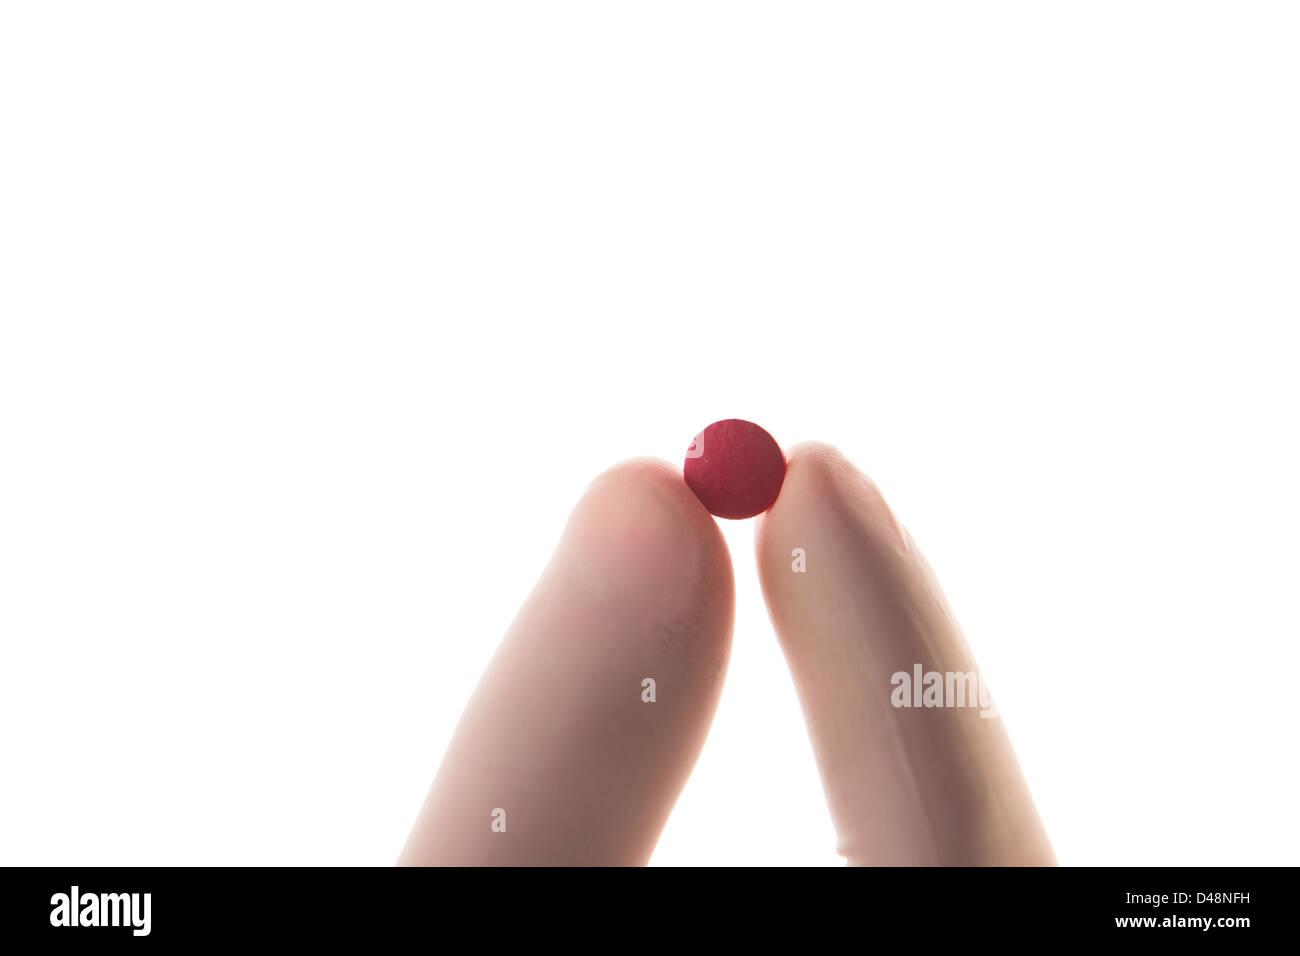 Mano enguantada sosteniendo pastilla roja Foto de stock